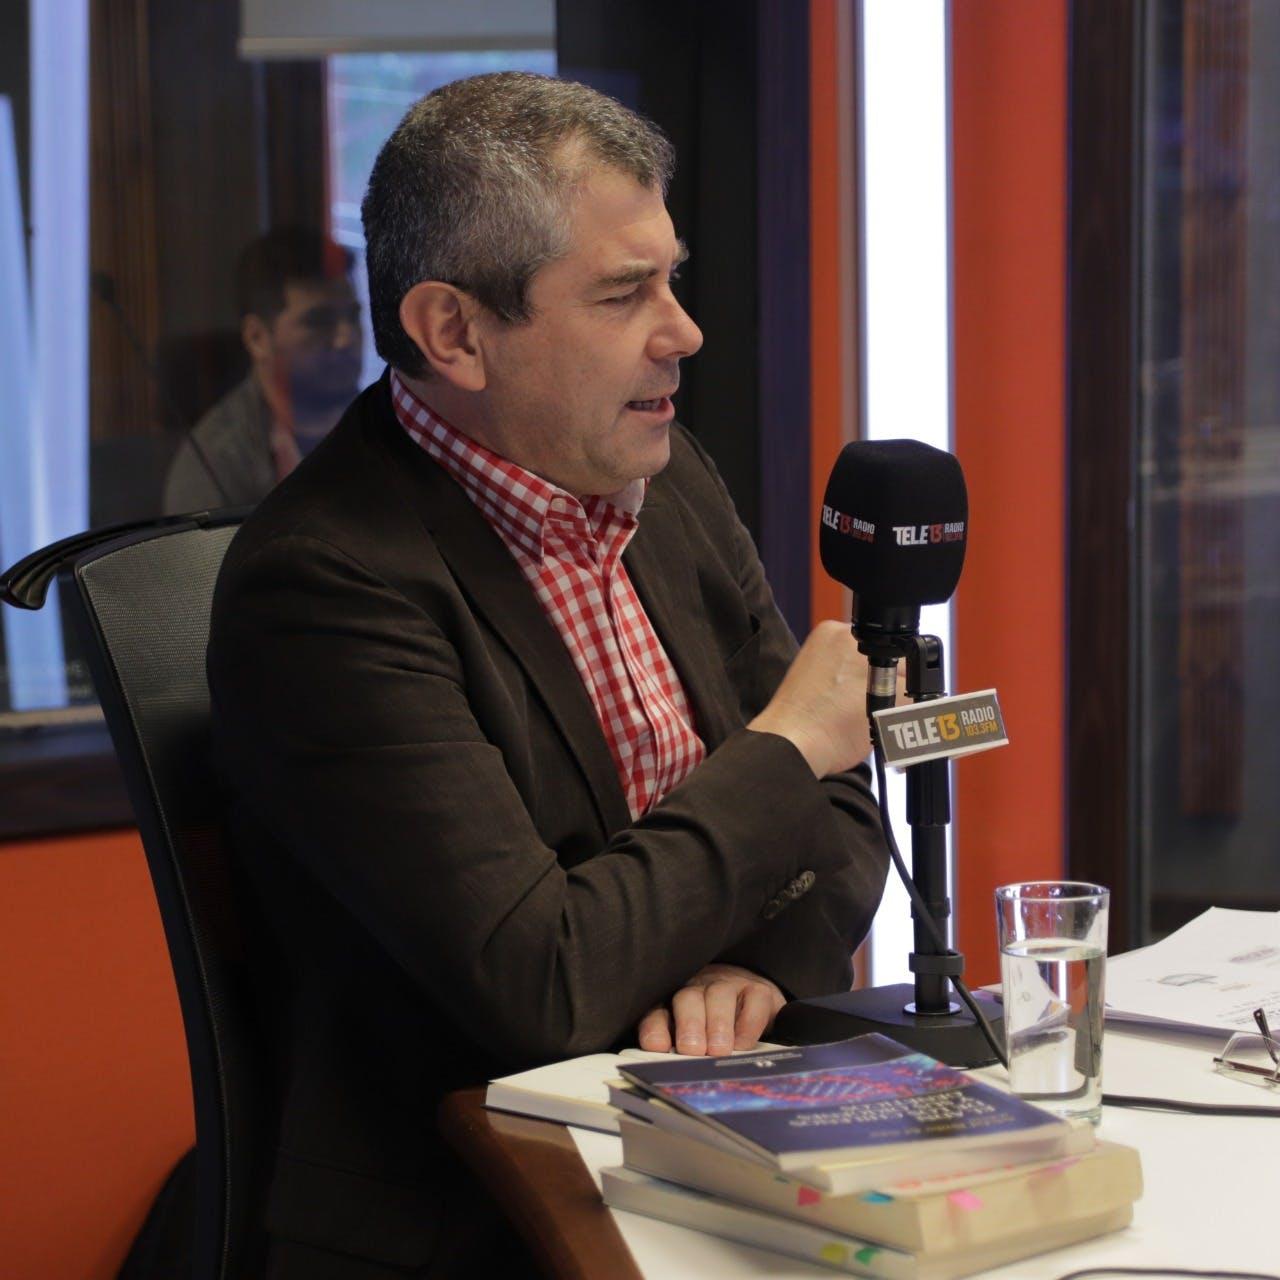 Andrés Jouannet: Tenemos que hacer un reconocimiento cultural de lo que somos, tiene que estar en parlamento